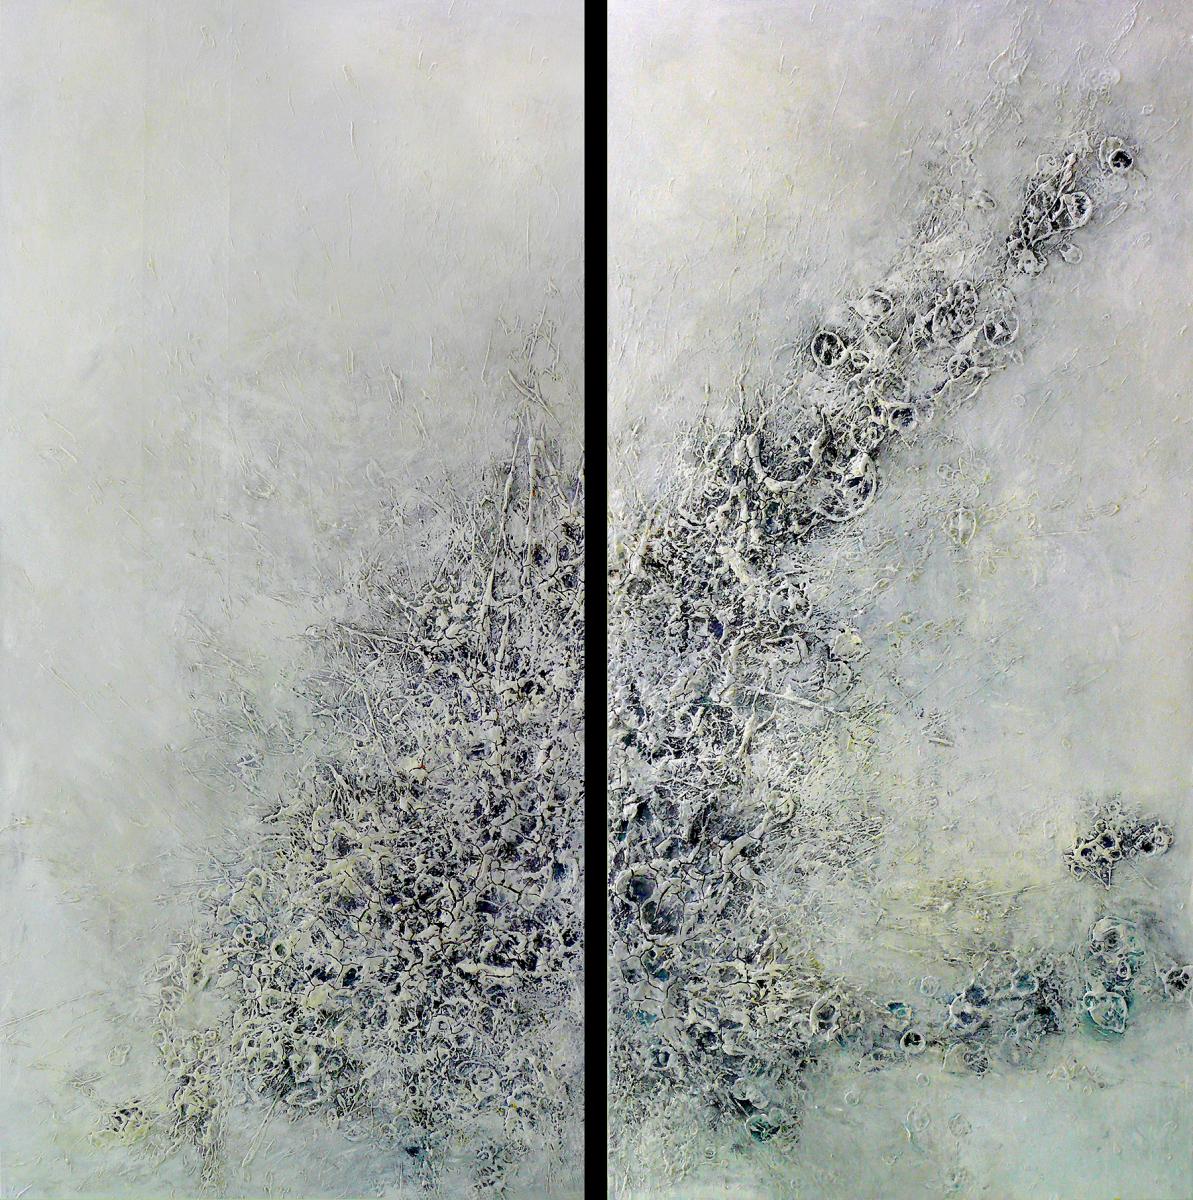 """Aus der Serie """"Was ist es was bleibt"""" 2 x 200 x 100 cm, Acryl, Papier auf Leinen"""